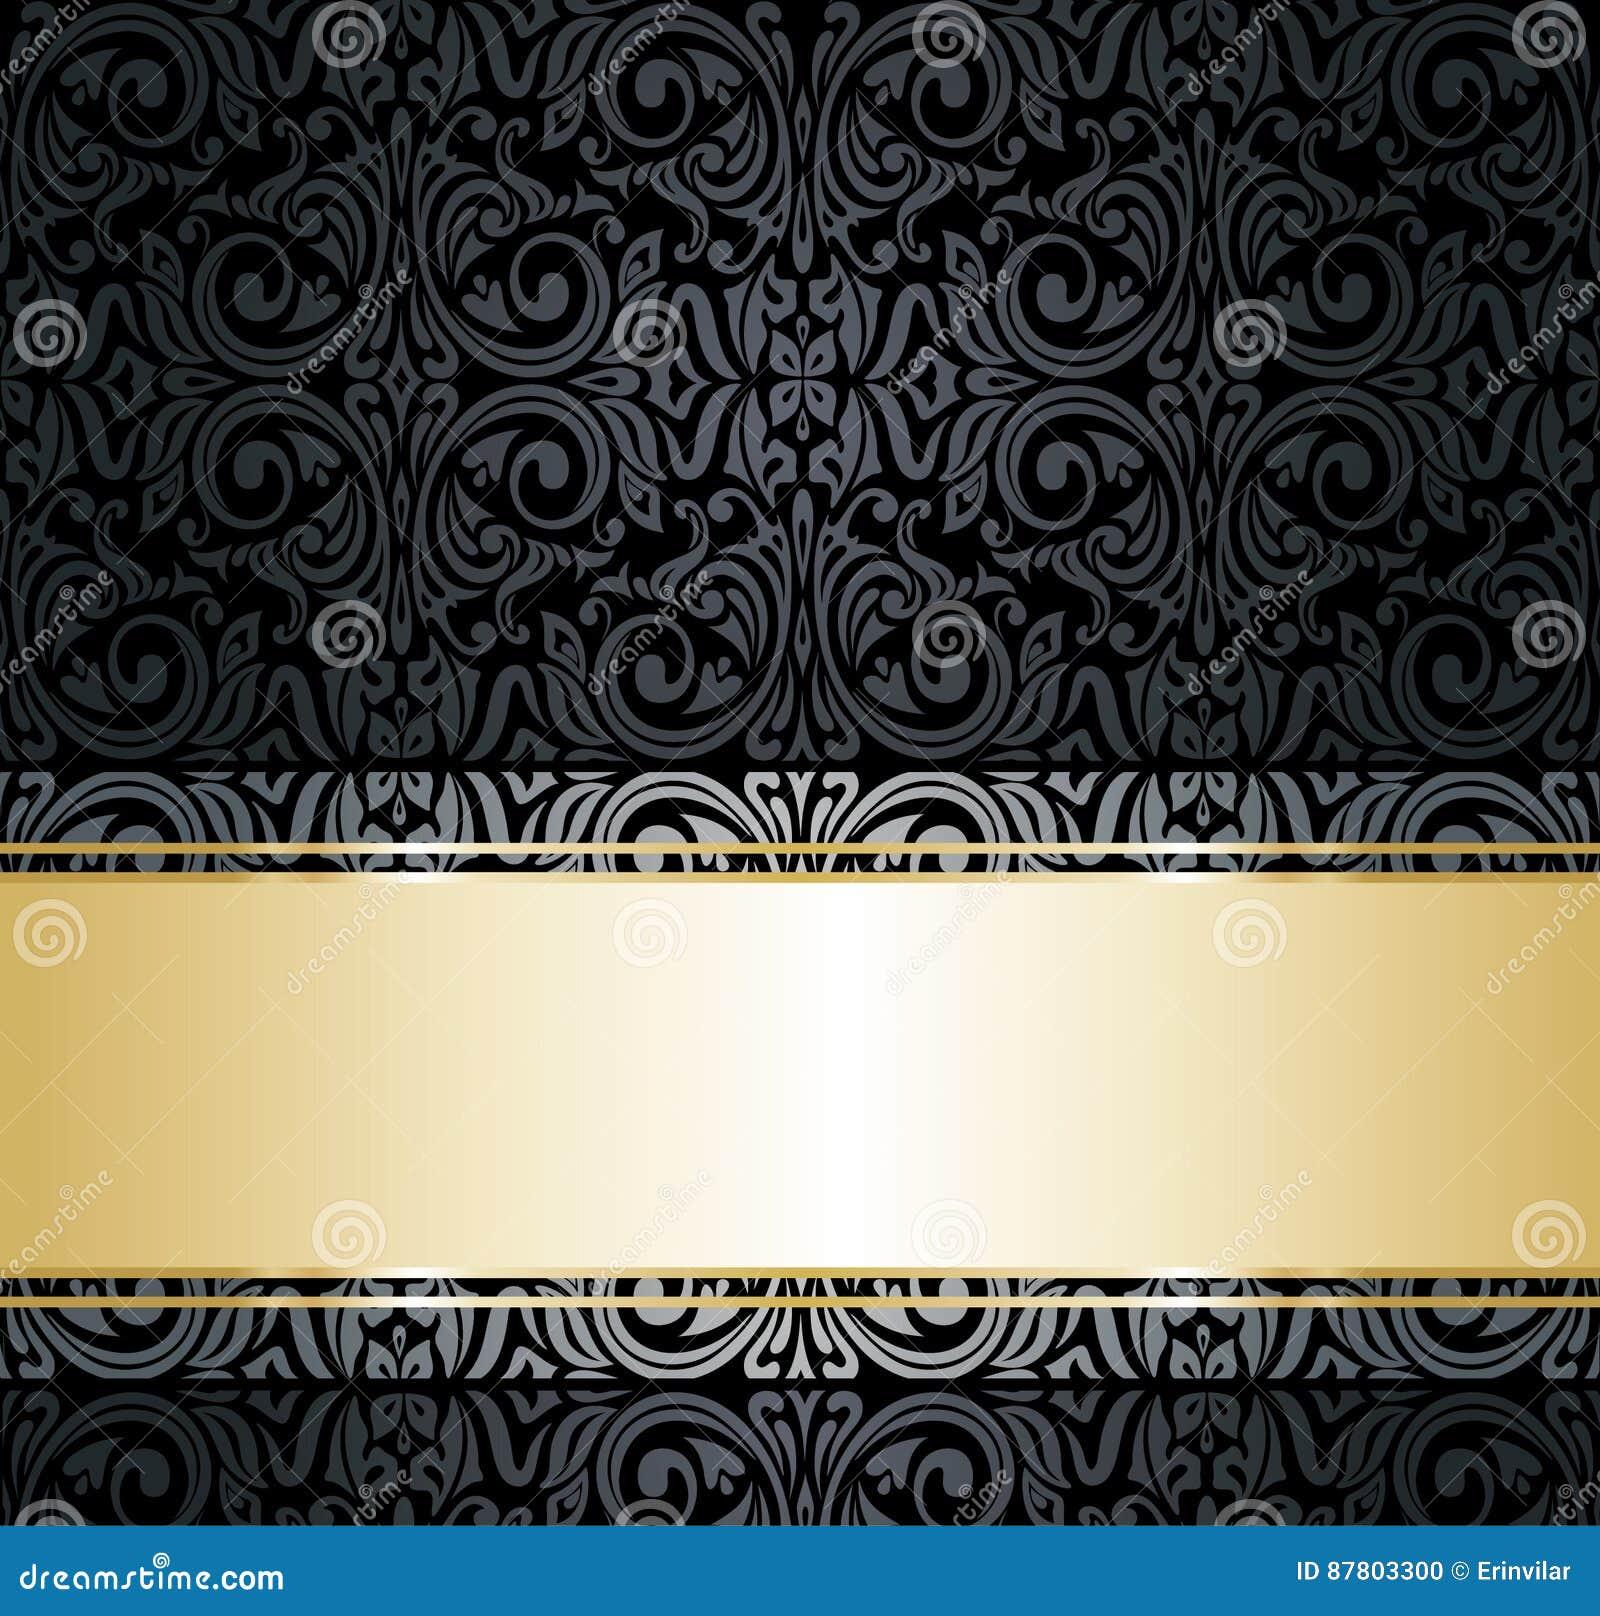 Black Gold Vintage Decorative Wallpaper Design